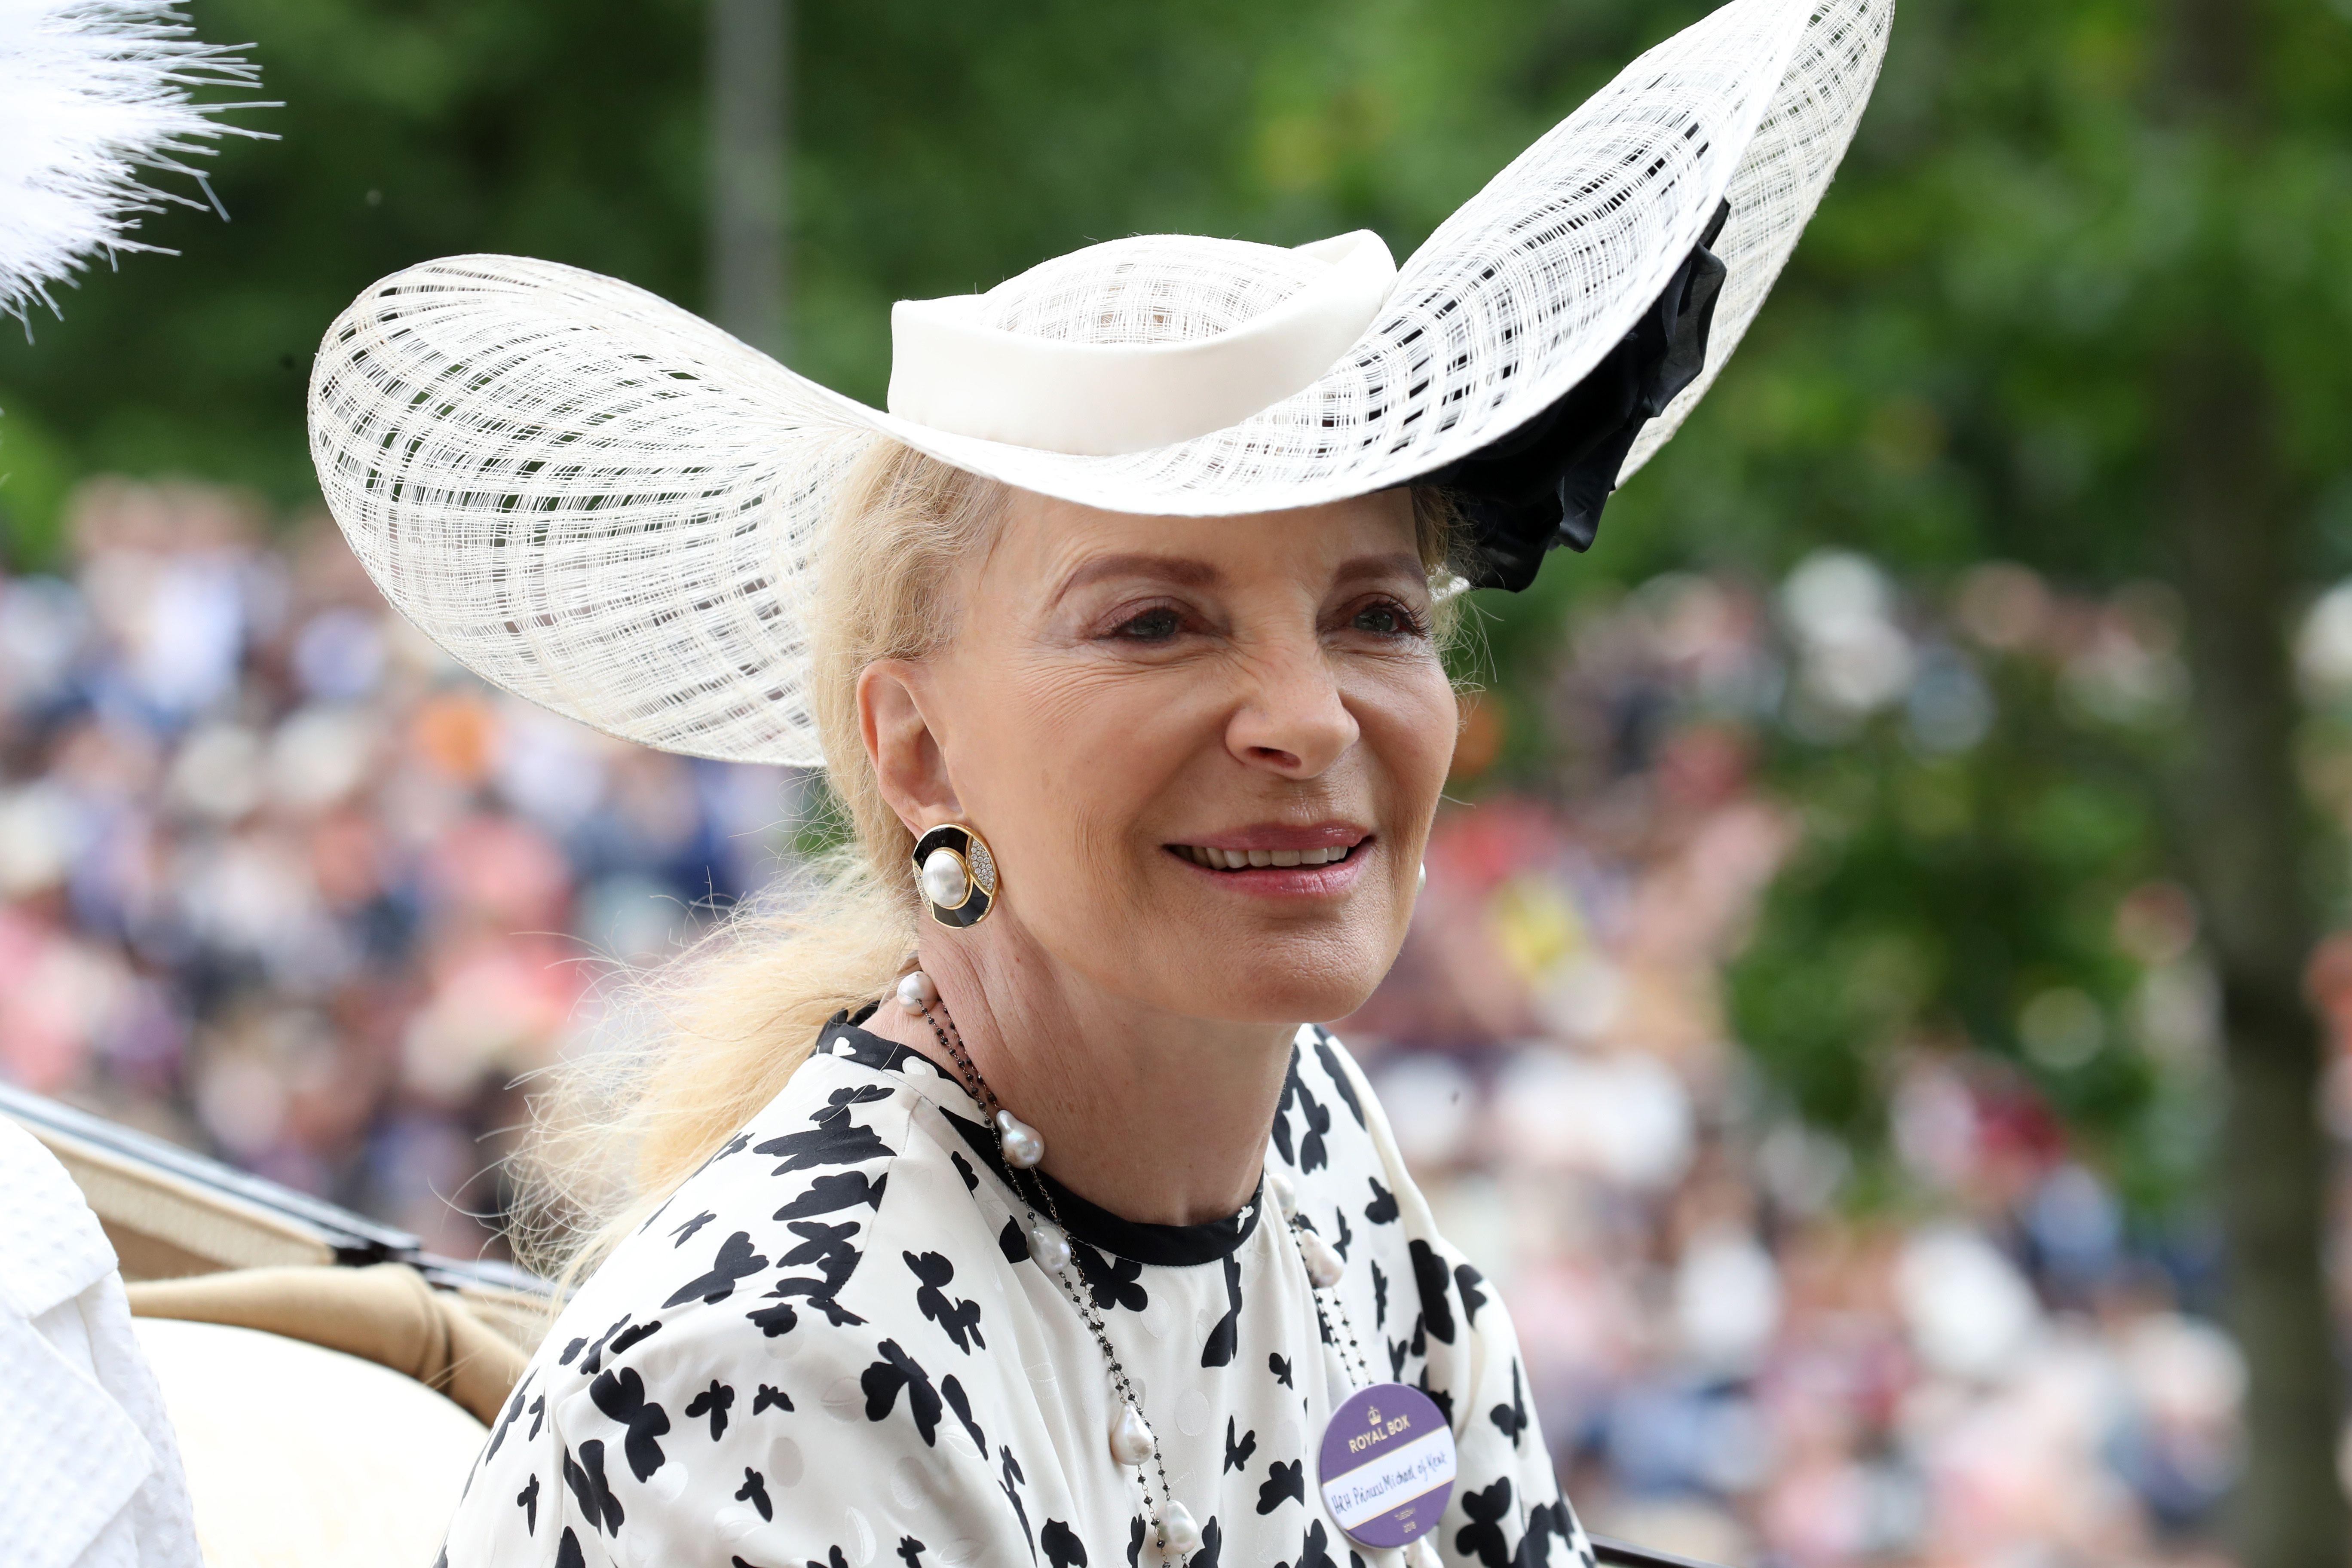 cd8f592d5 The Best Hats at Royal Ascot 2018 - Photos Of Royals Wearing Hats At ...